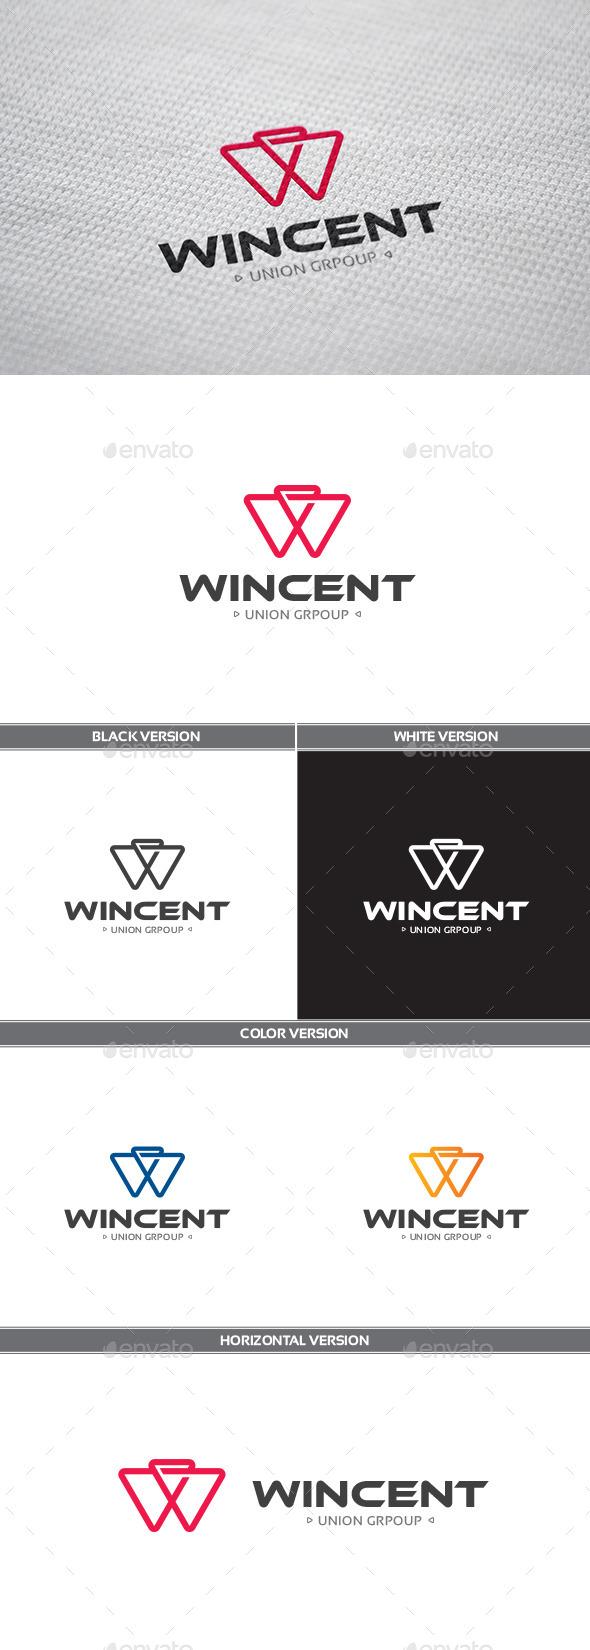 GraphicRiver Wincent Logo 10550212